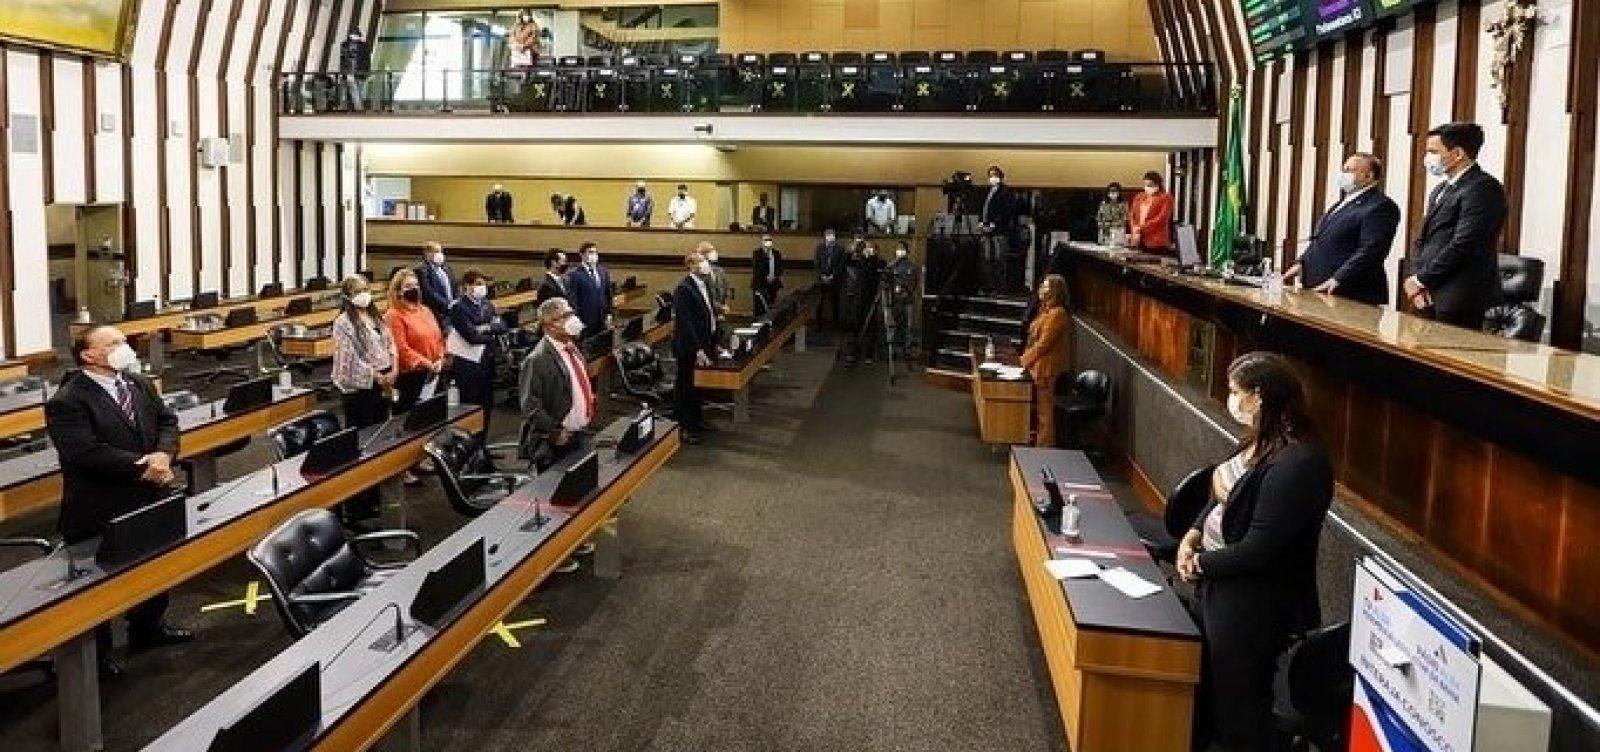 Alba pauta afastamento de Alden e PL que autoriza governo a transferir crédito de precatório